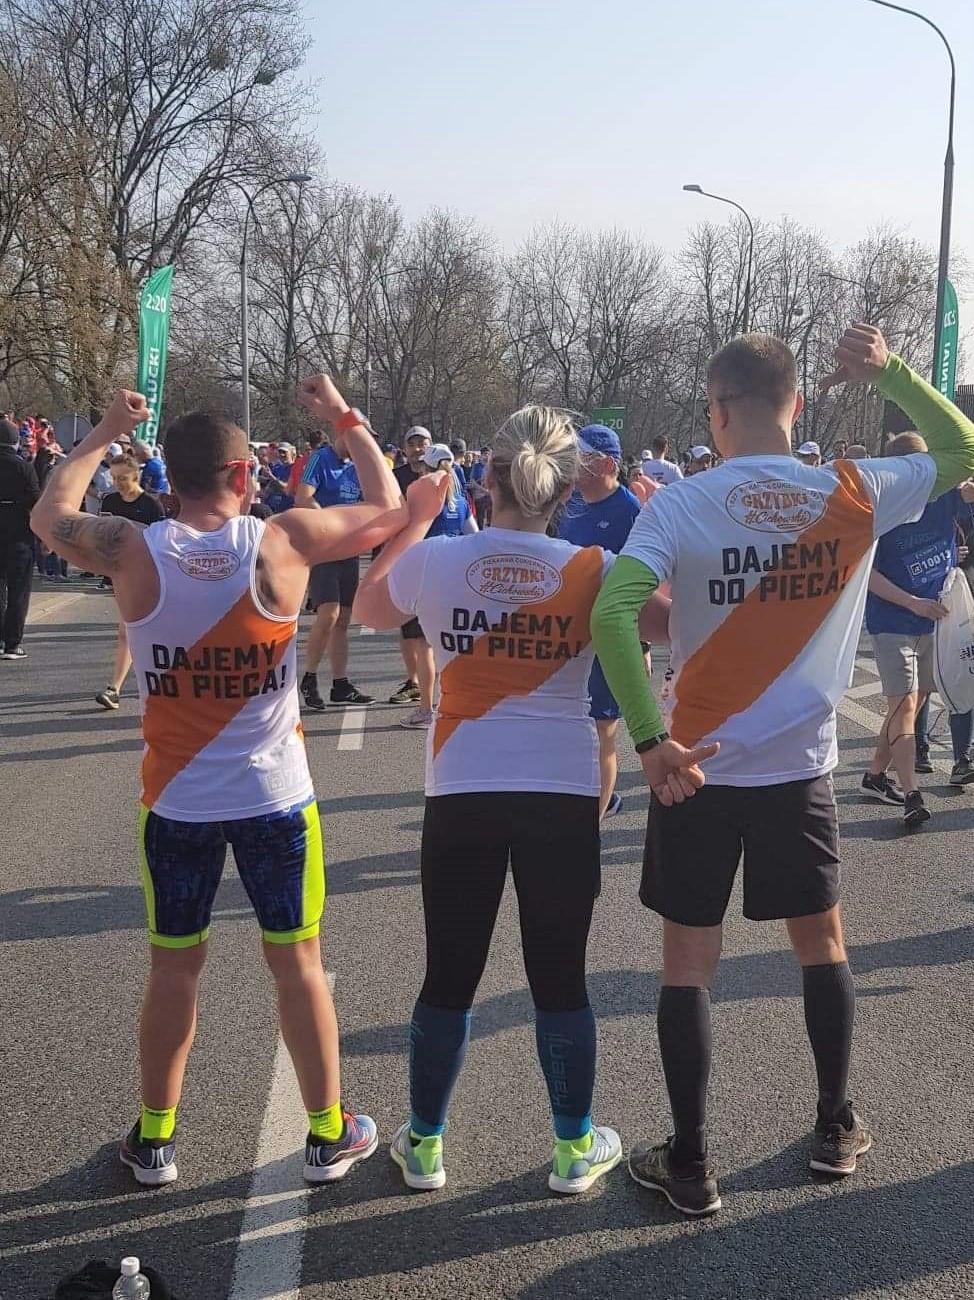 W teamie raźniej!   14. PZU Półmaraton warszawski - 31 marca 2019r.